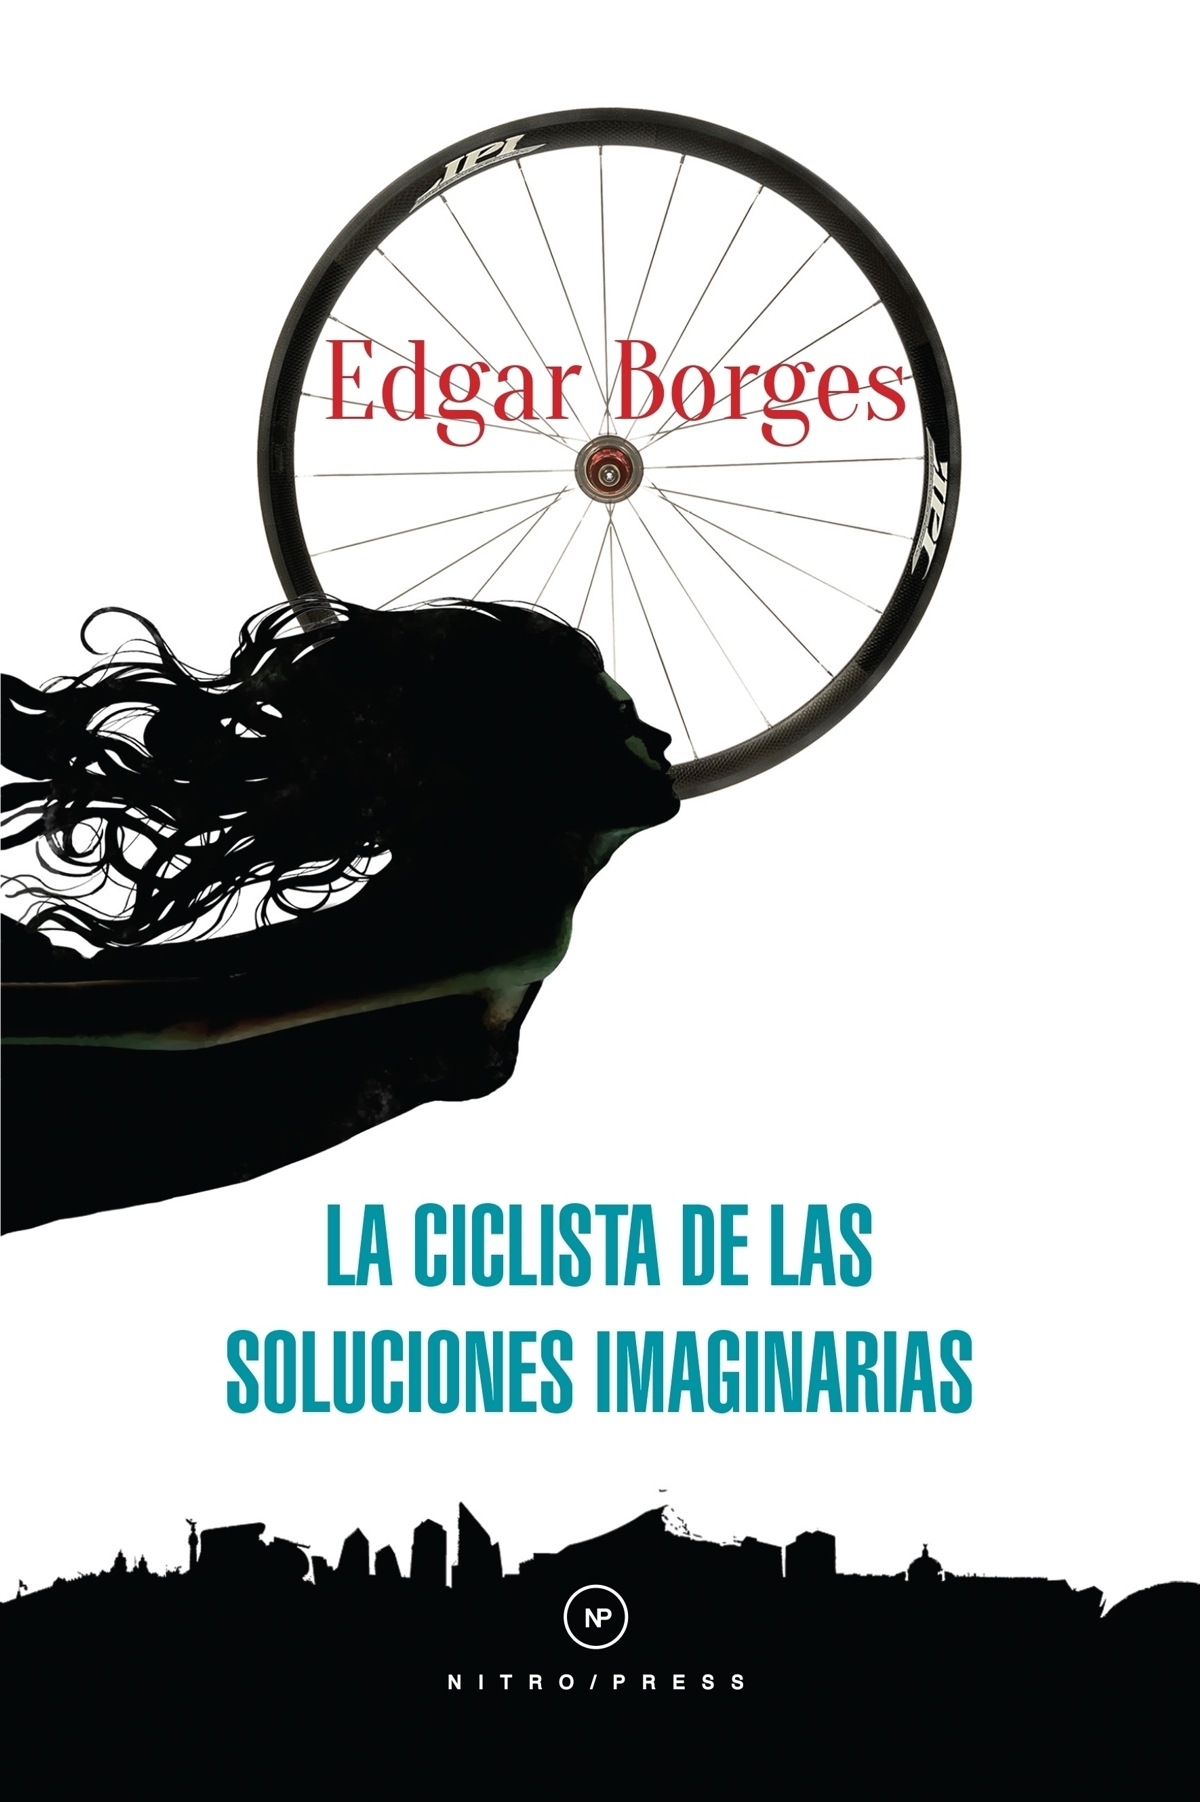 La ciclista de las soluciones imaginarias Nitro Press